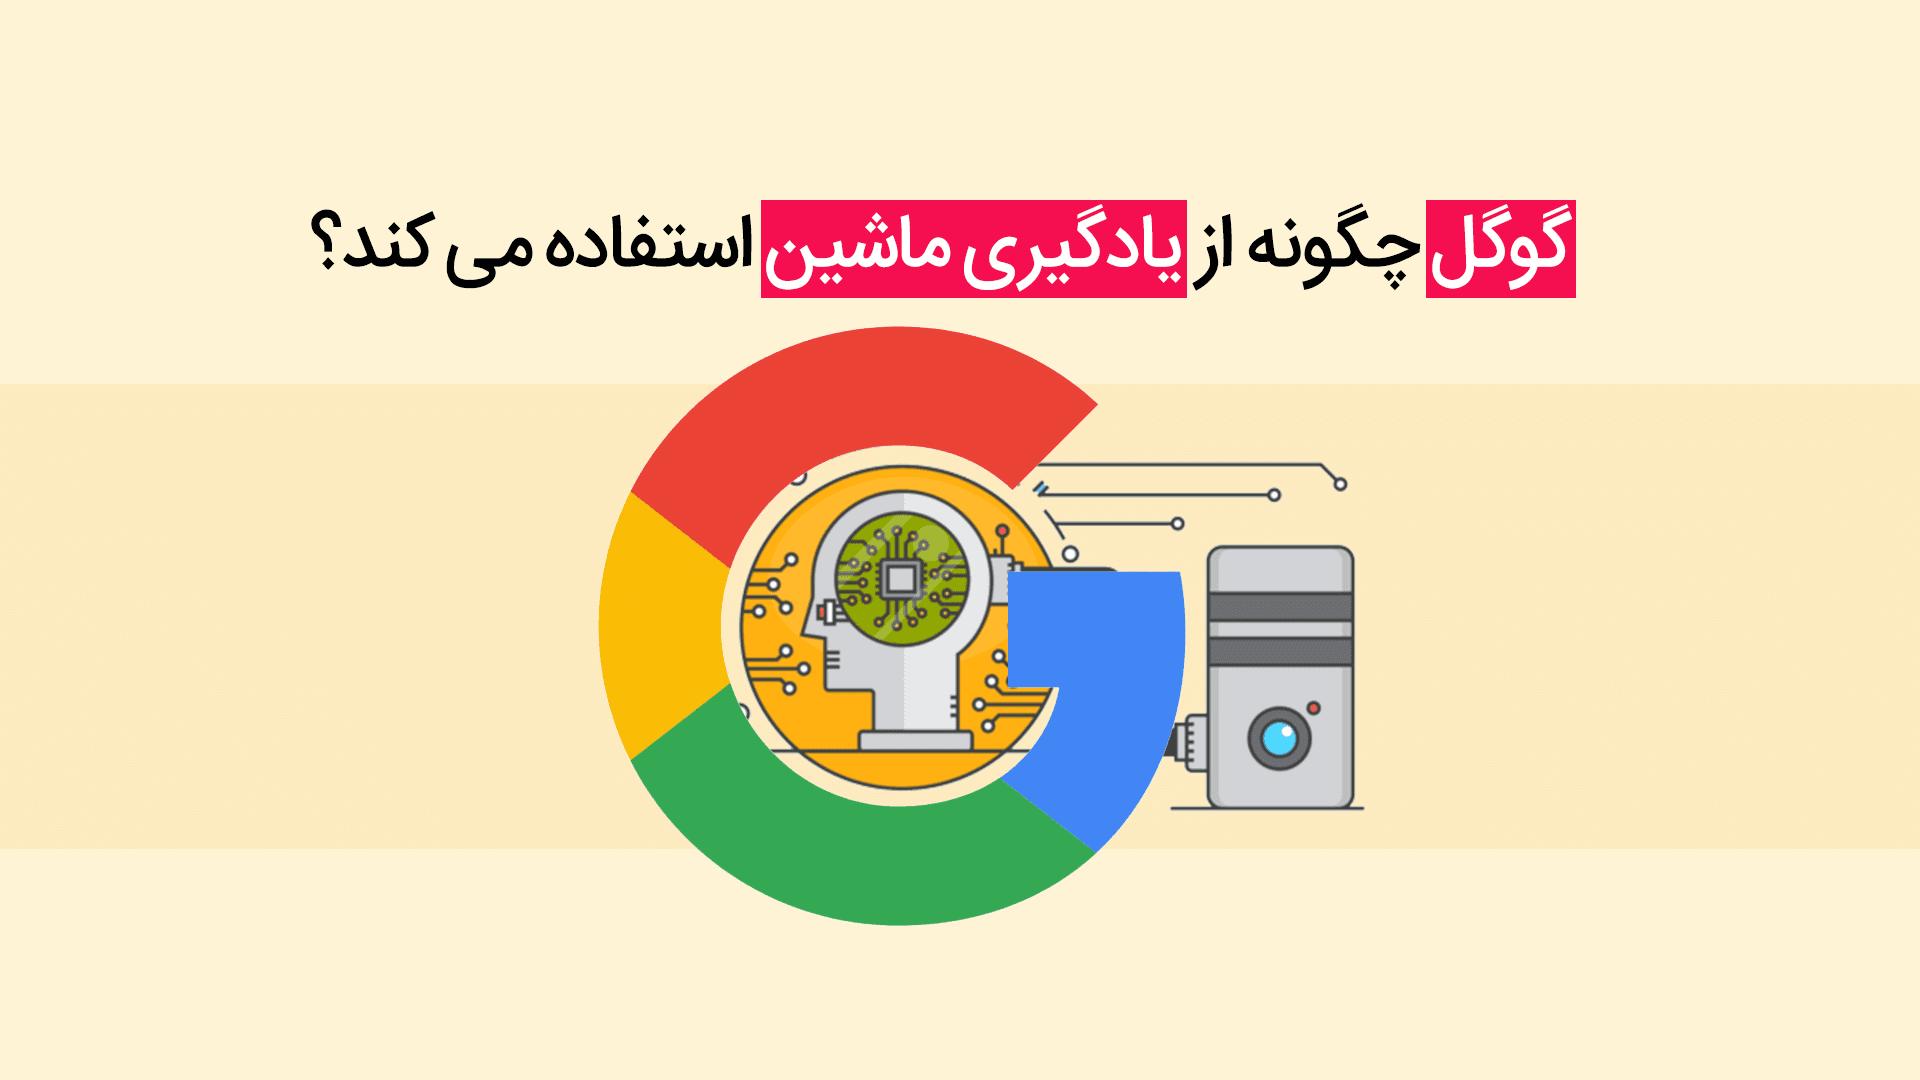 گوگل چگونه از یادگیری ماشین استفاده می کند؟